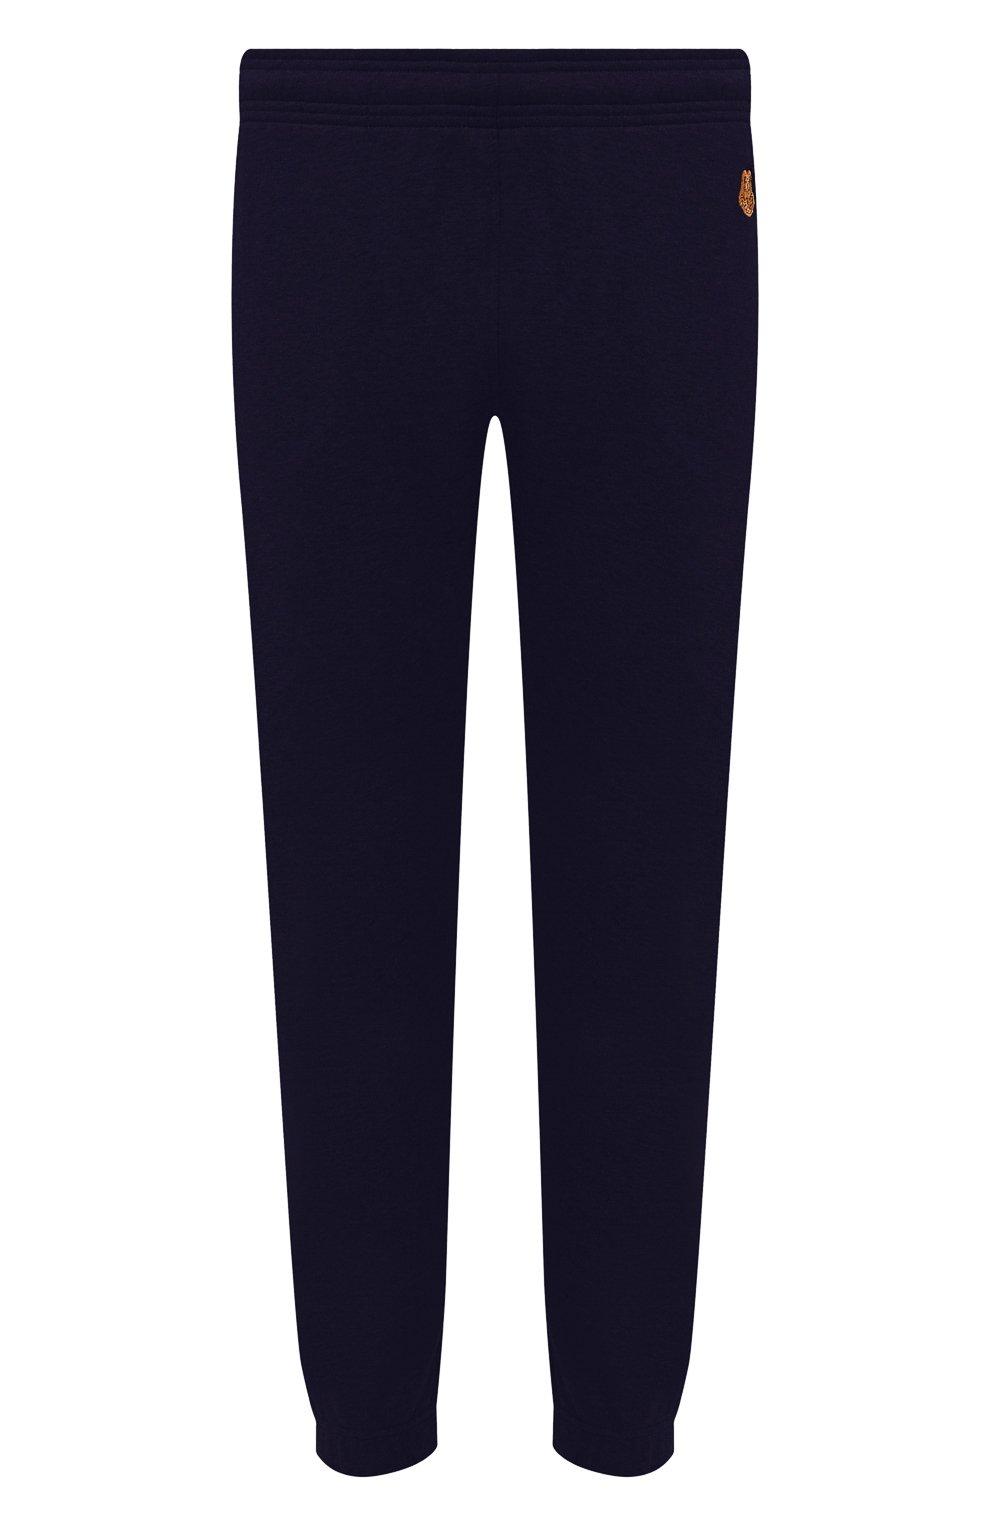 Мужские хлопковые джоггеры KENZO синего цвета, арт. FB55PA7114ML | Фото 1 (Мужское Кросс-КТ: Брюки-трикотаж; Длина (брюки, джинсы): Стандартные; Материал внешний: Хлопок; Силуэт М (брюки): Джоггеры)